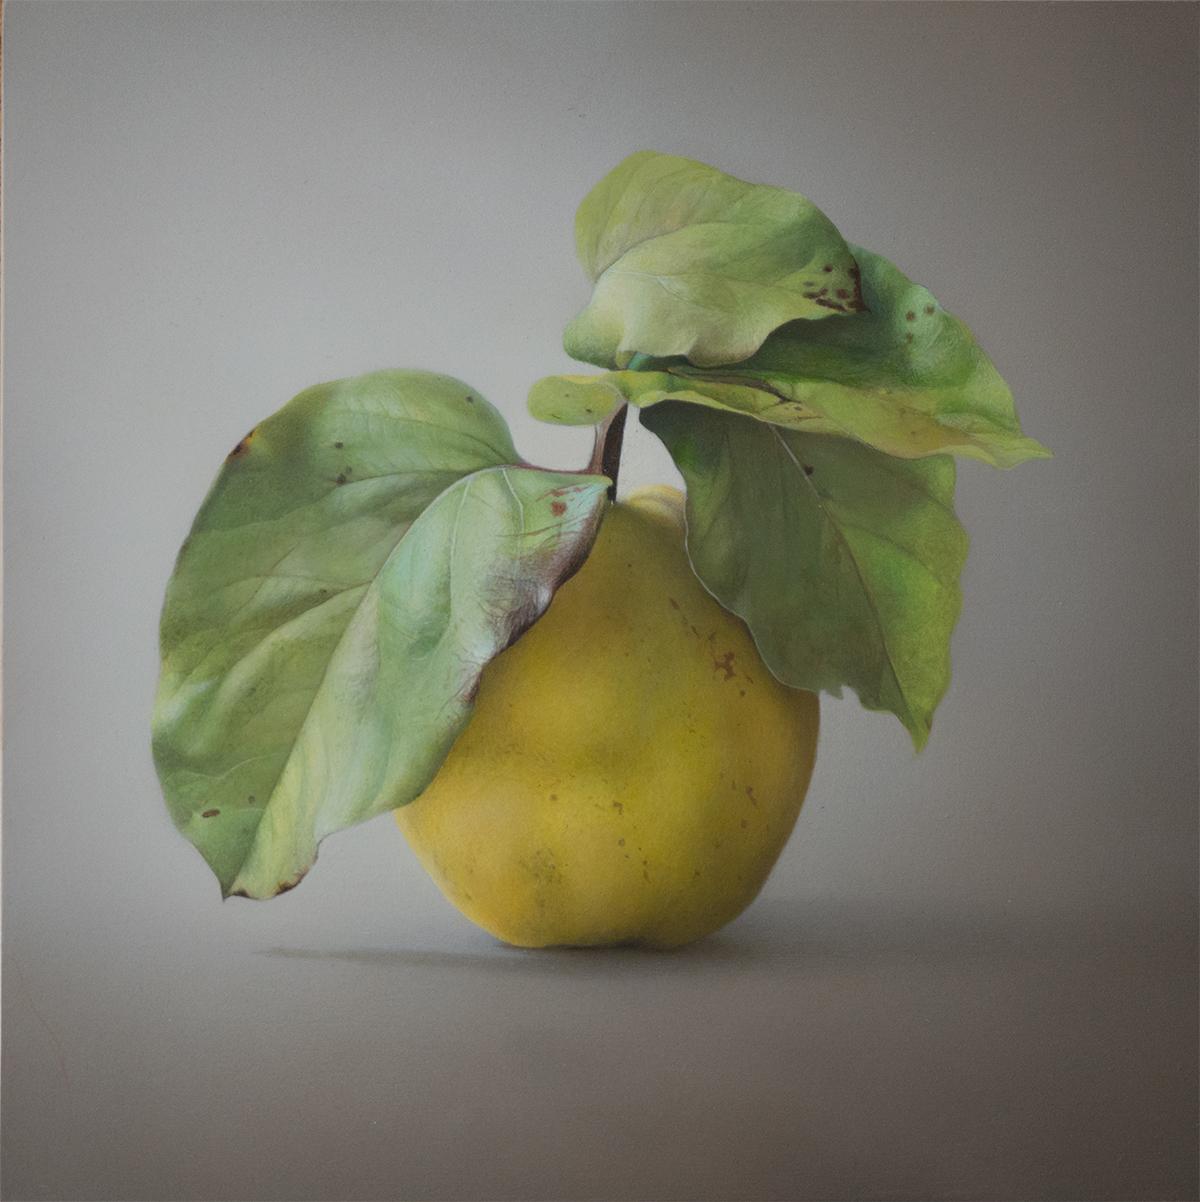 Quitte 11 © Diethard Sohn 2018 Acryl auf HDF 30 x 30 cm (verkauft)